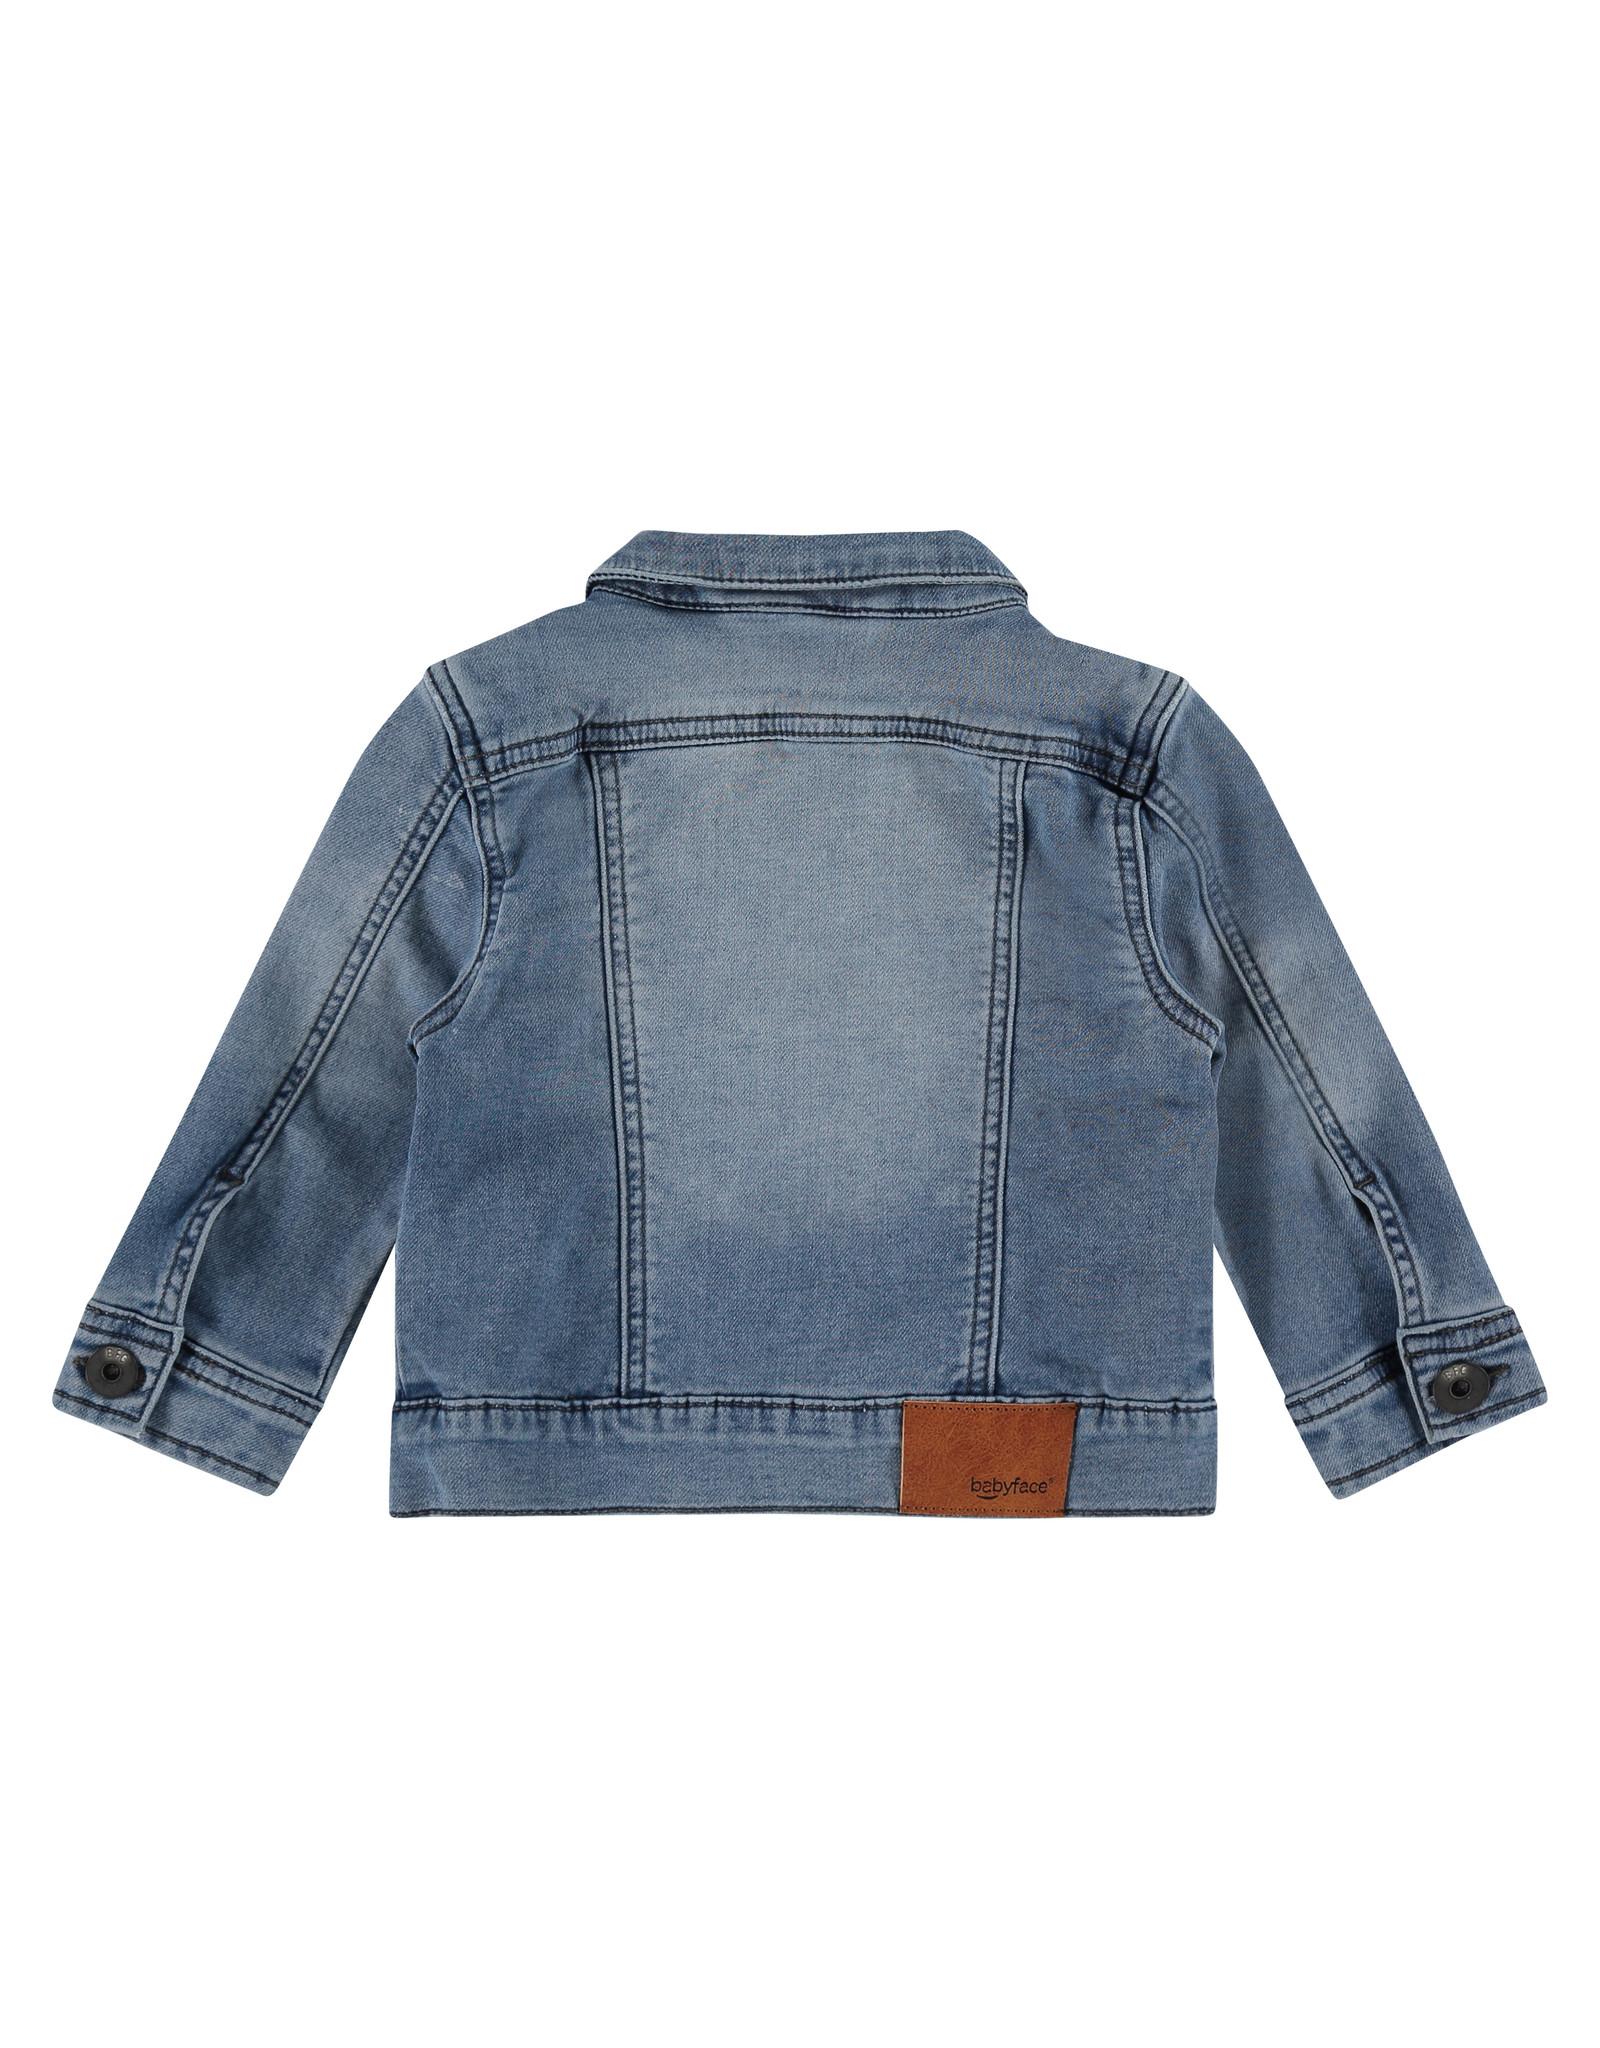 Babyface boys jogg jeansjacket, medium blue denim, BBE21107114